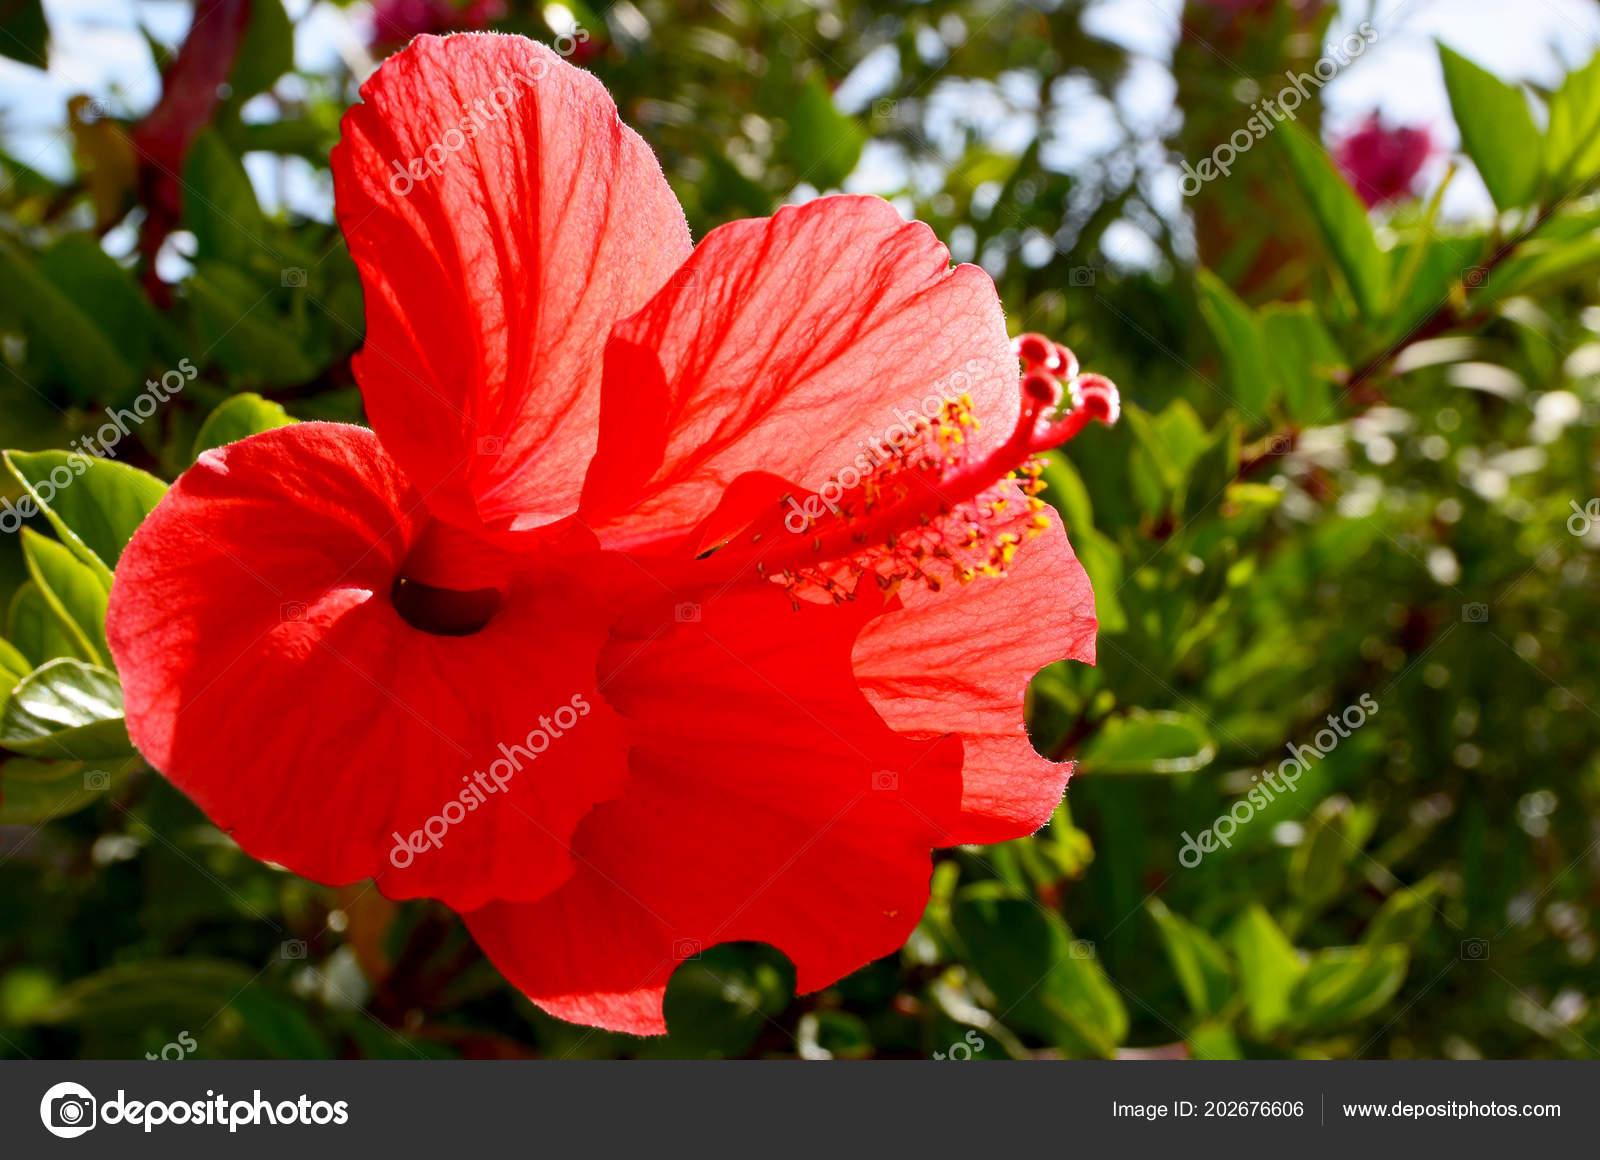 Red Hibiscus Flower China Rose Chinese Hibiscus Hawaiian Hibiscus